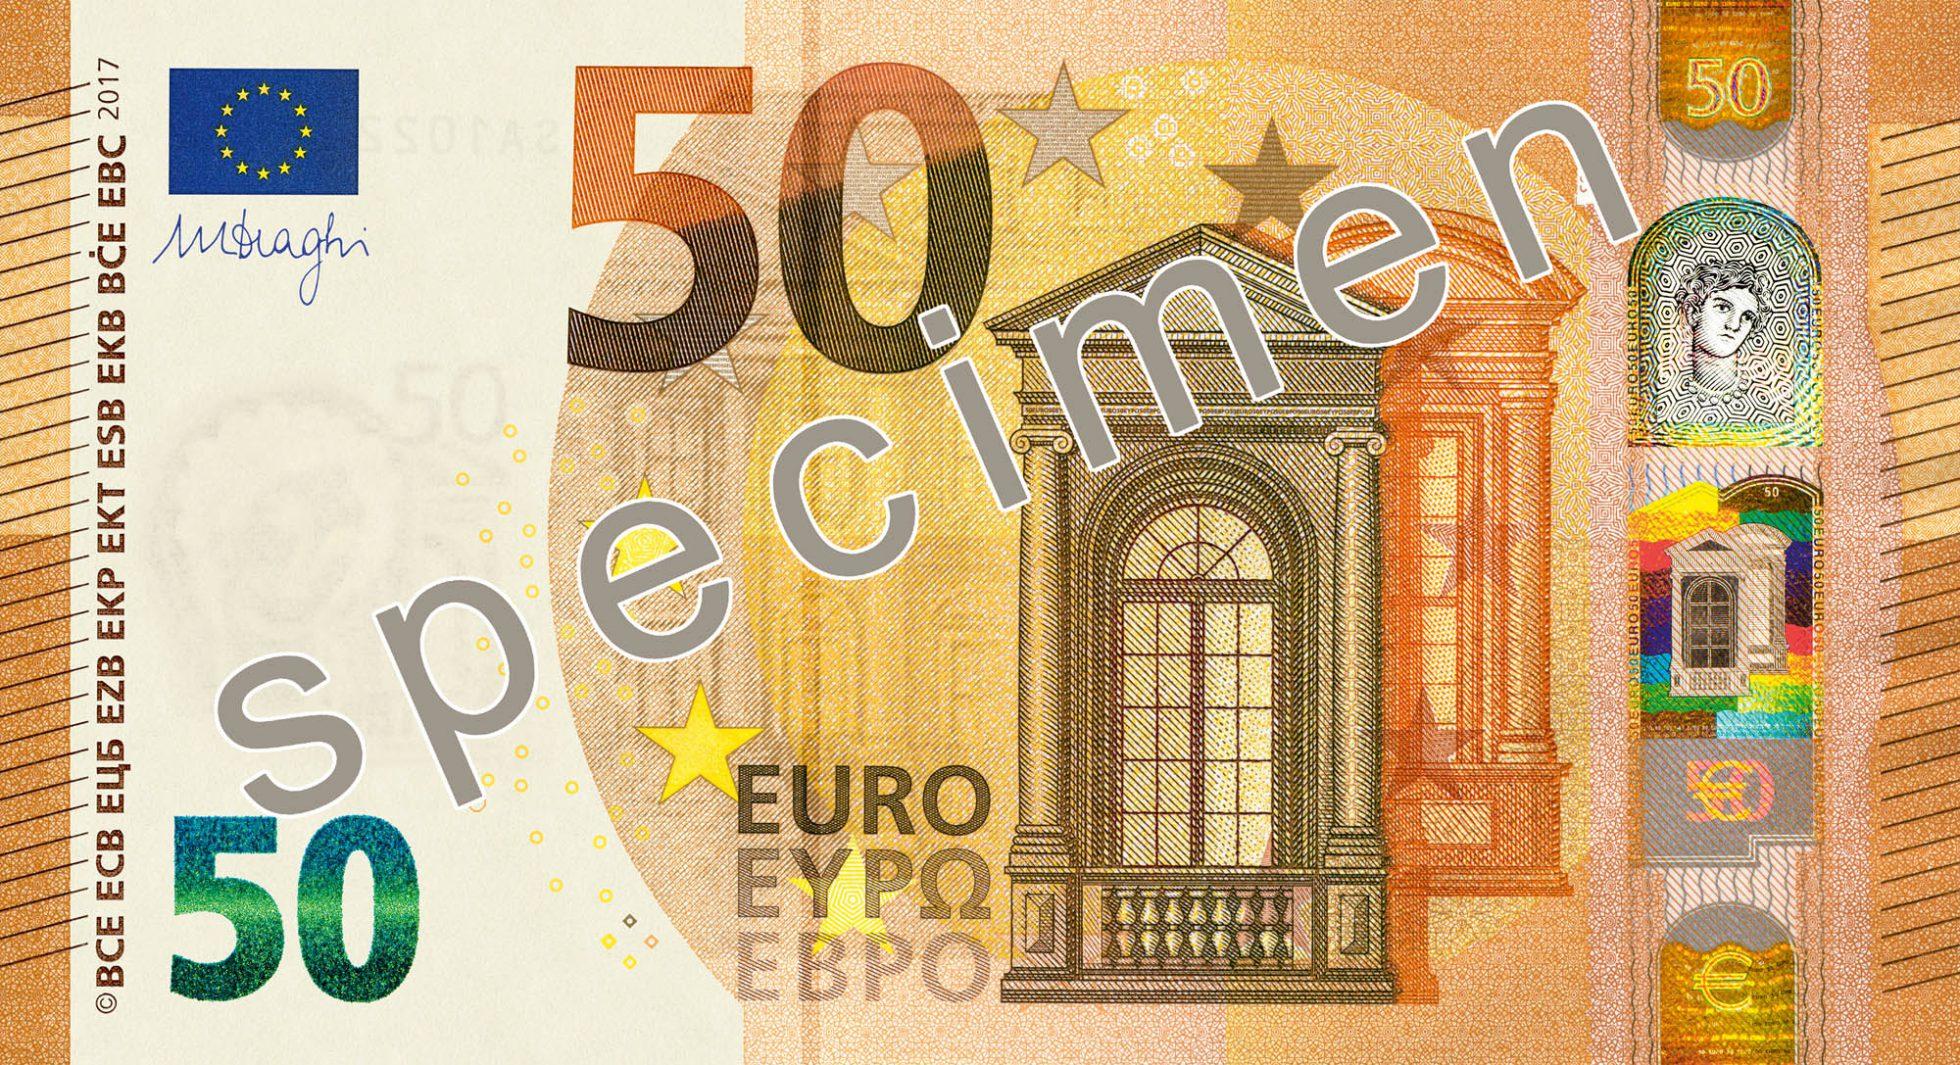 Neuer 50 Euro Schein Wir Stellen Ihn Vor Volksbank Lubbecker Land